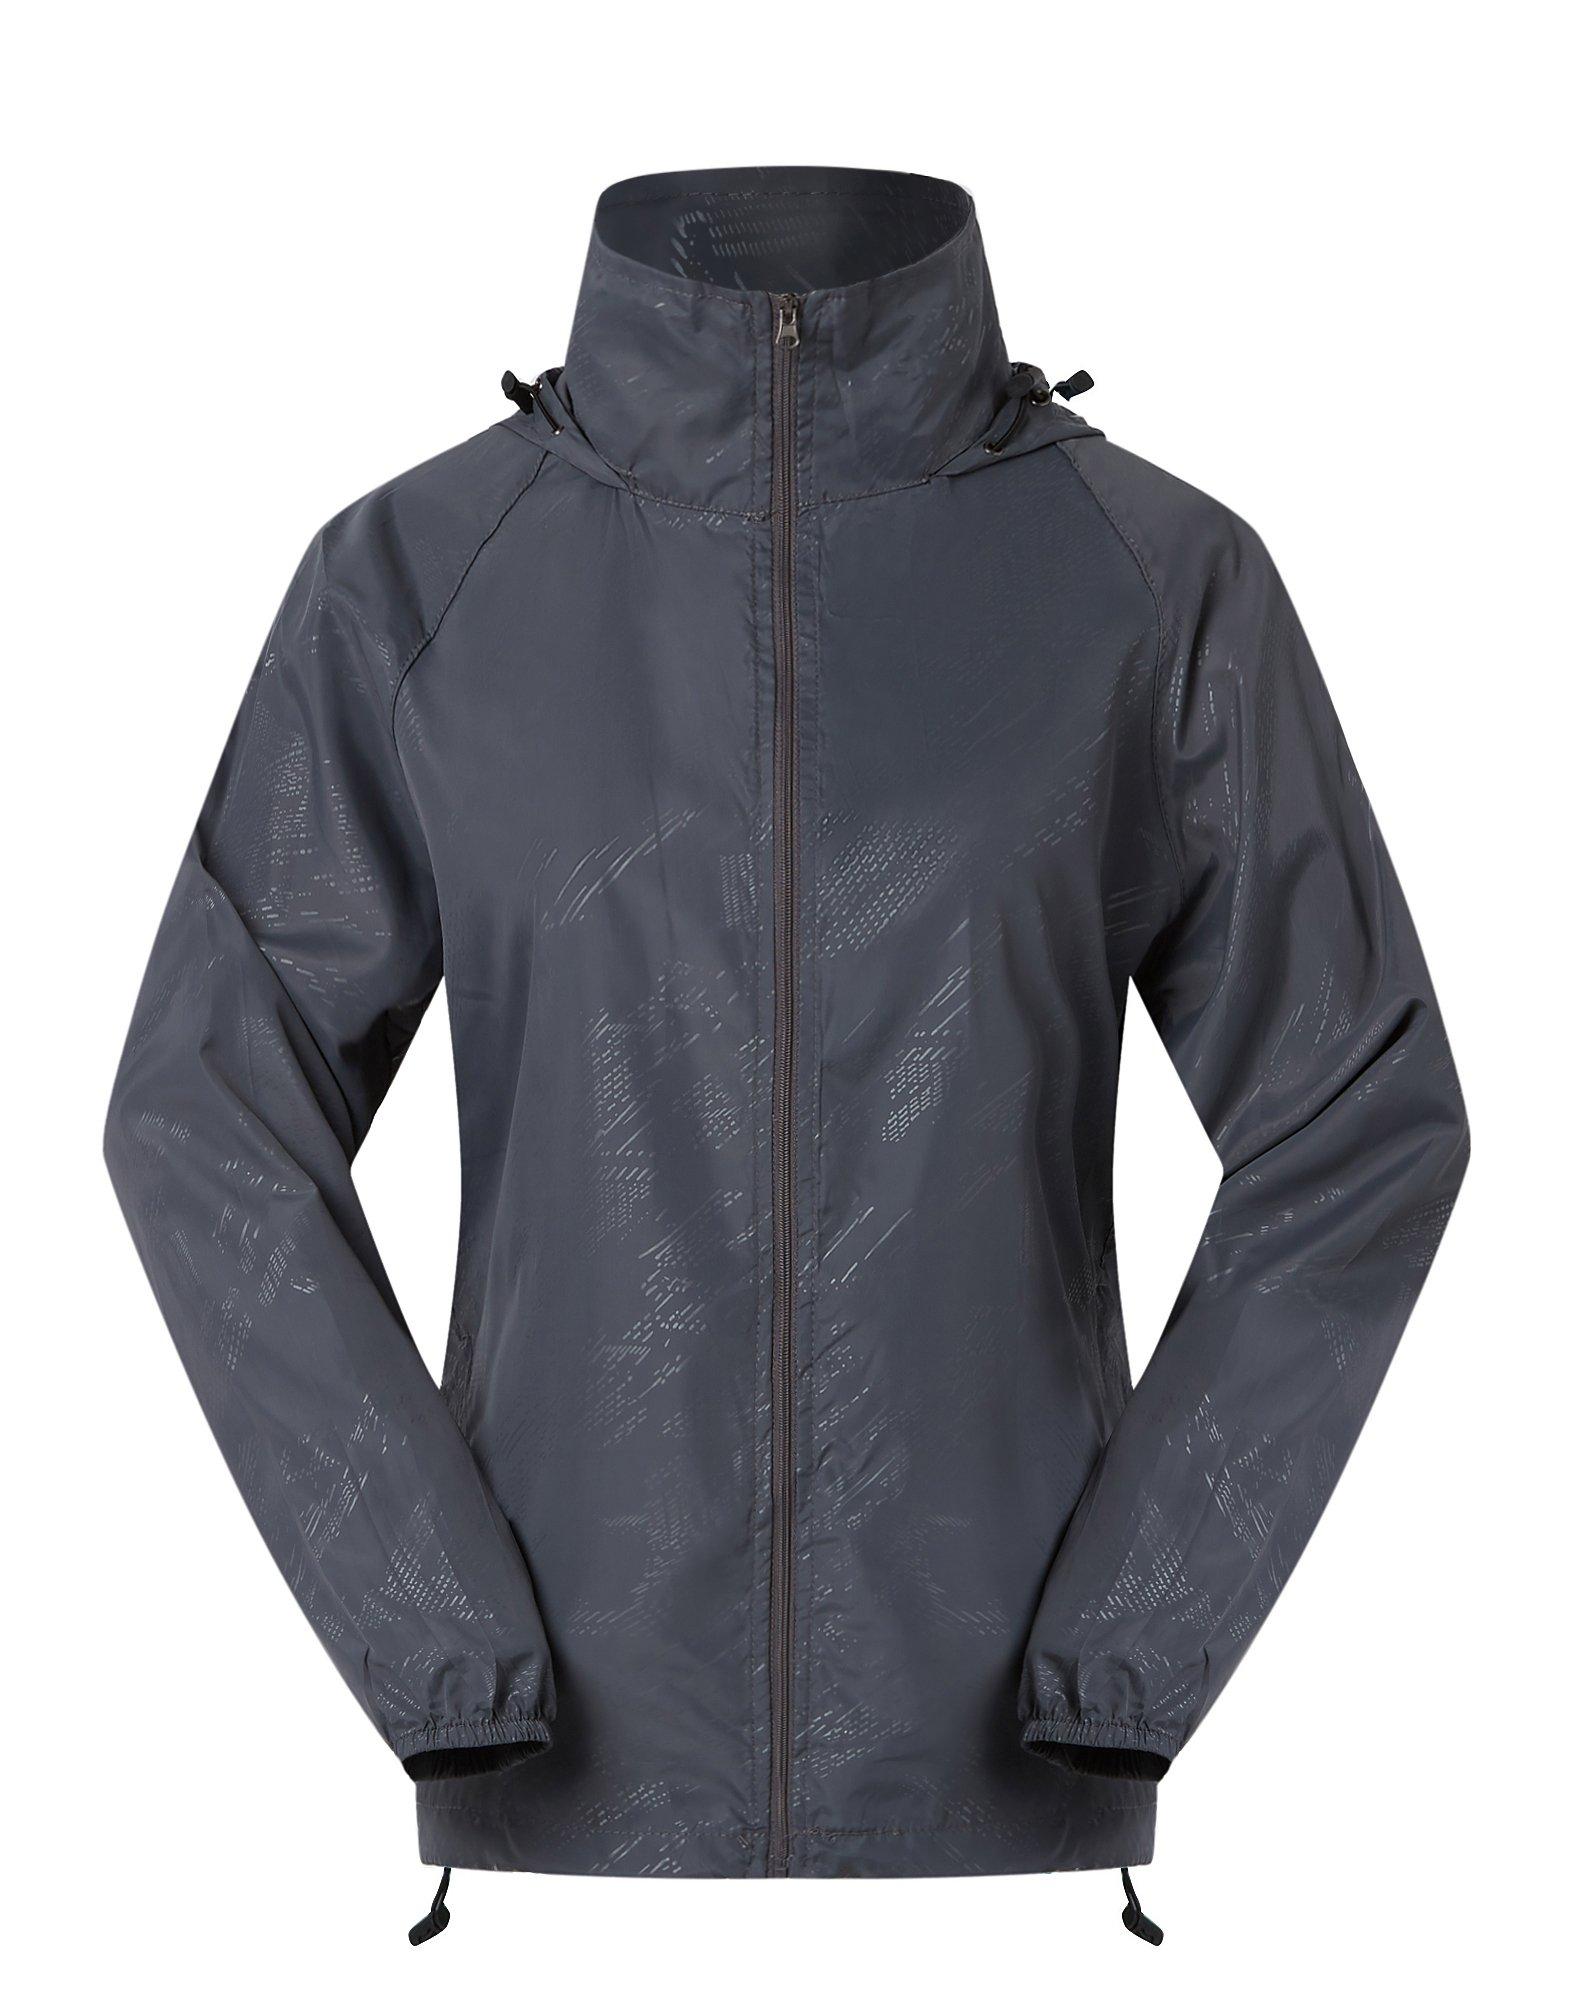 Cheering Women's Lightweight Jackets for Women Waterproof Windbreaker Jacket Super Quick Dry UV Protect Running Coat Grey S